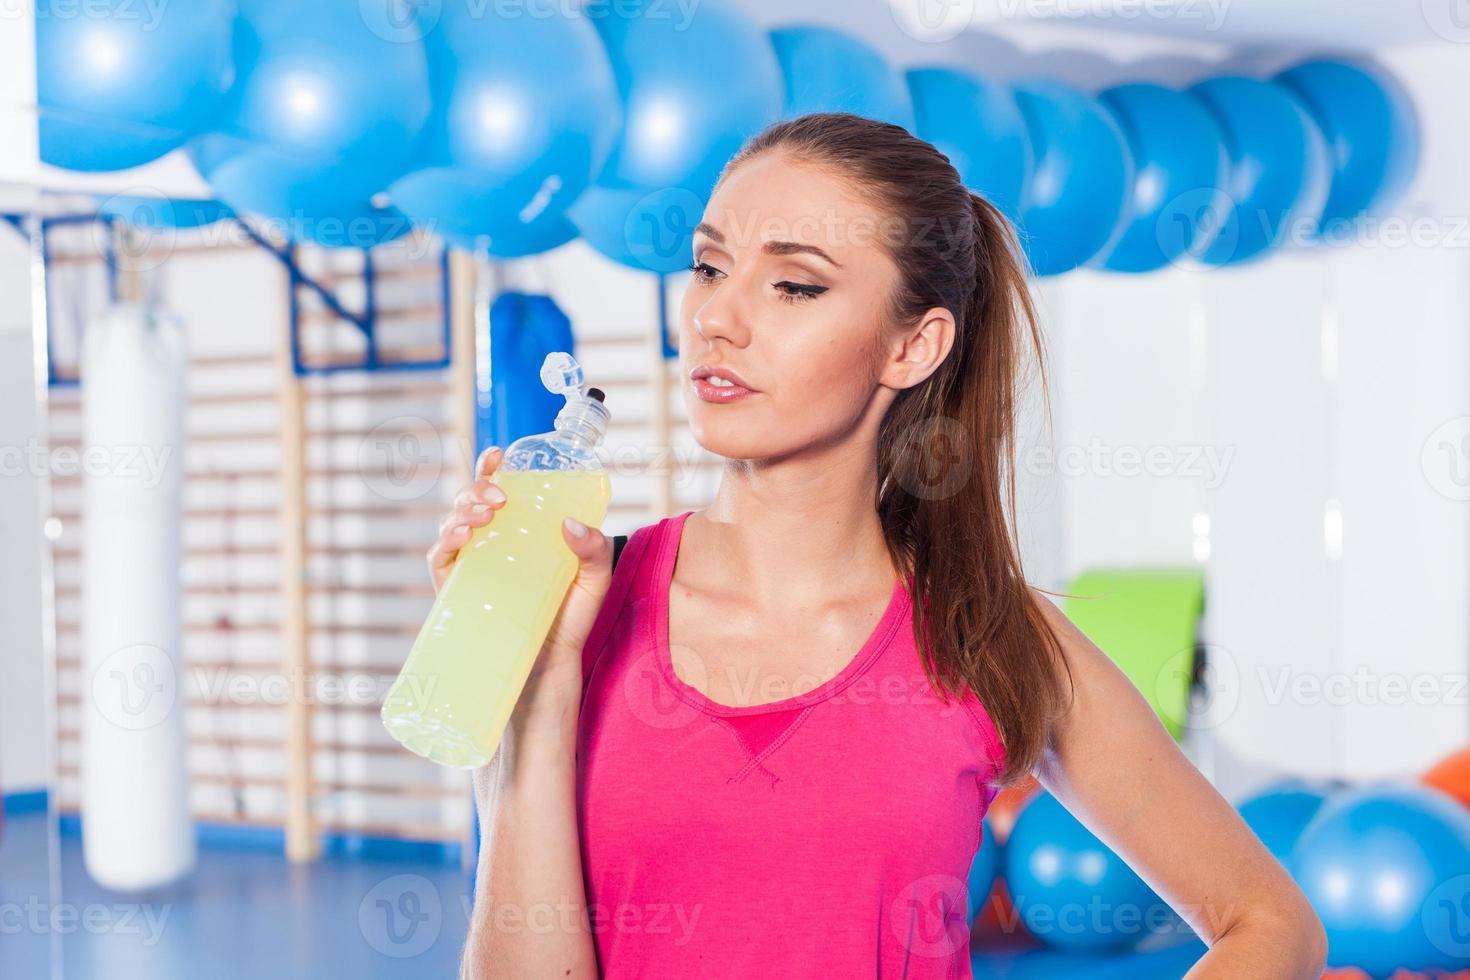 junges Mädchen trinkt isotonisches Getränk, Fitnessstudio. Sie ist glücklich. foto